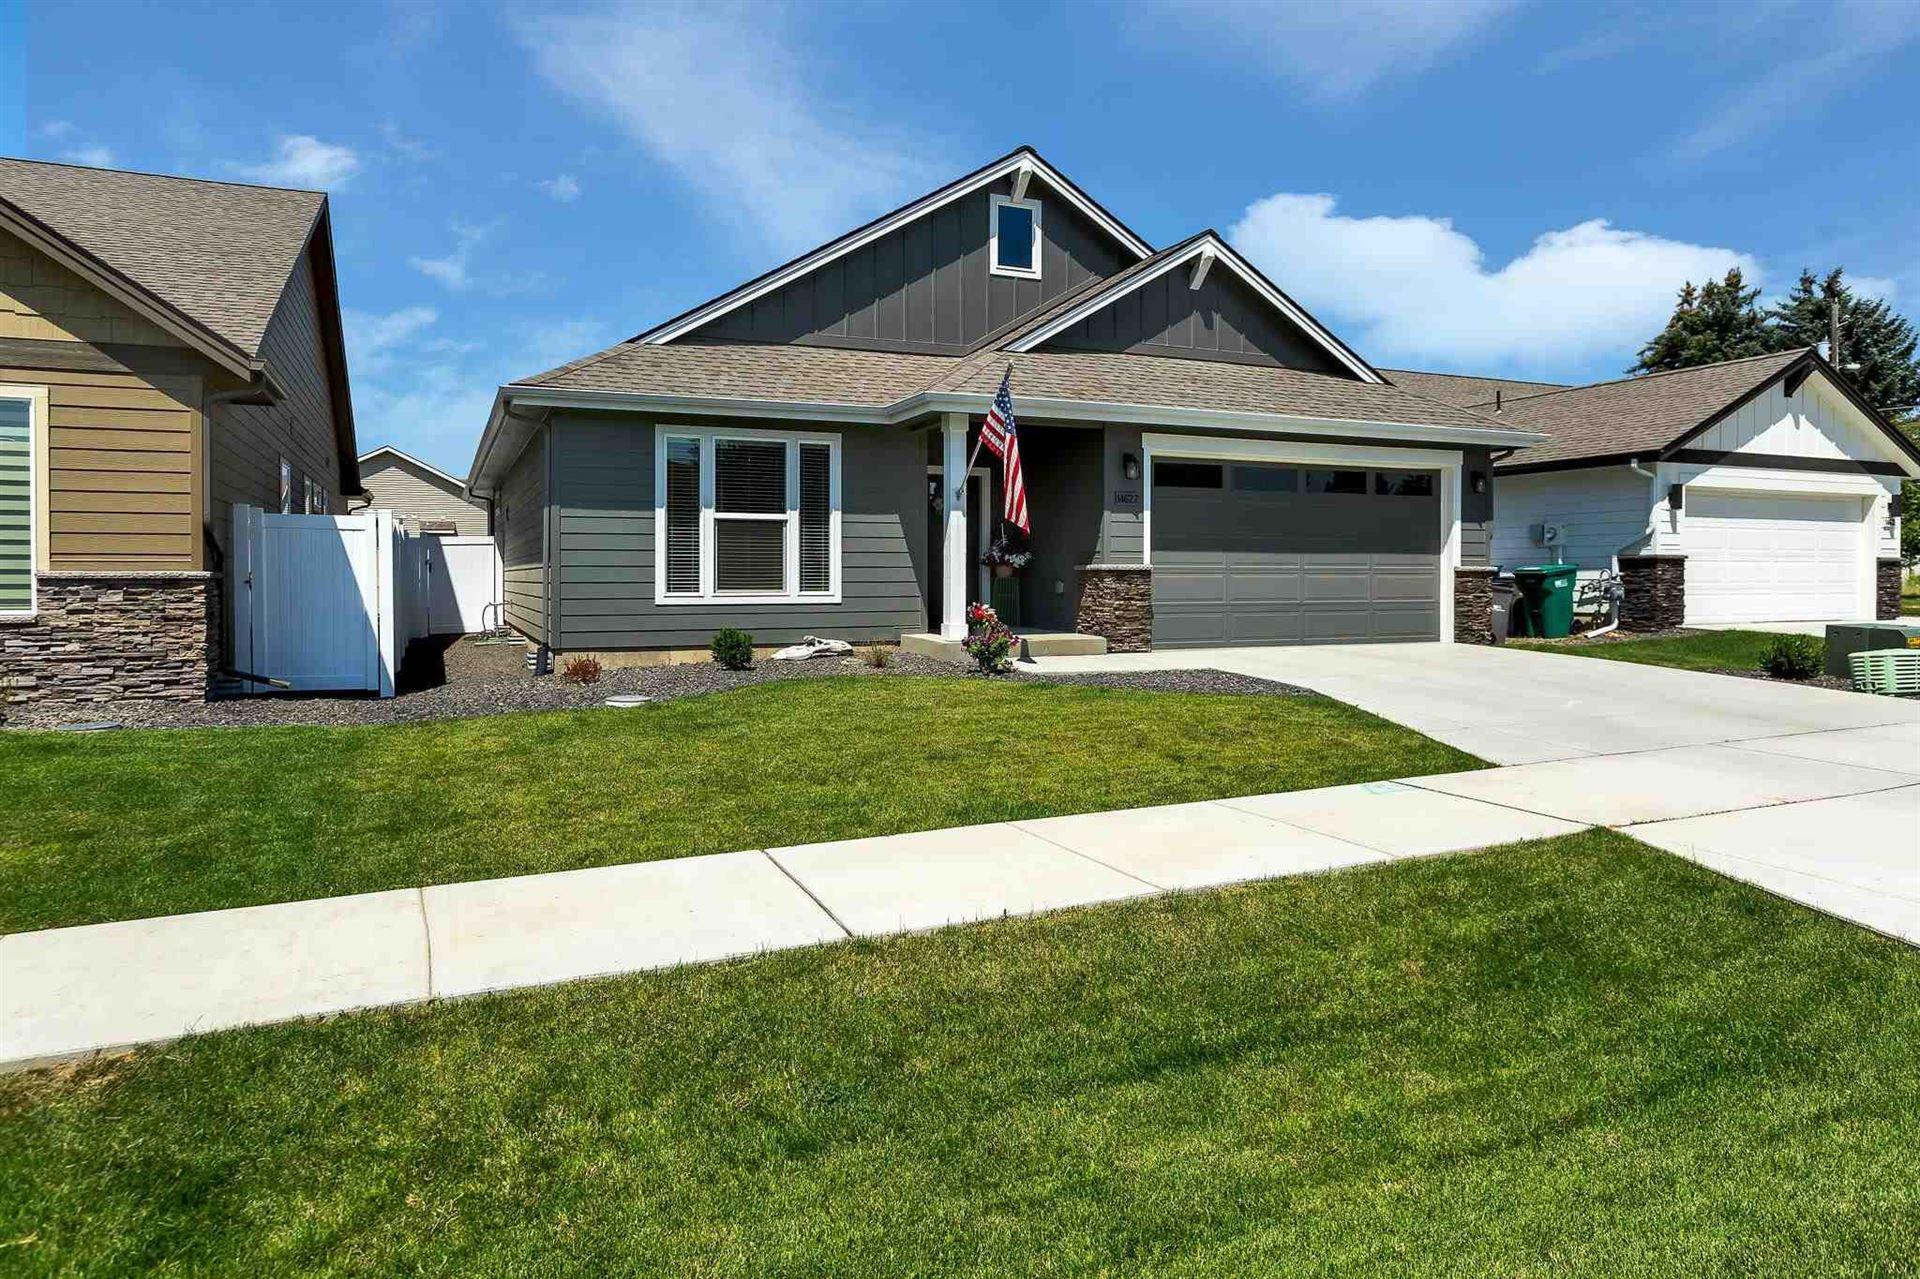 14627 E 31st Ave, Veradale, WA 99037 - #: 202119375